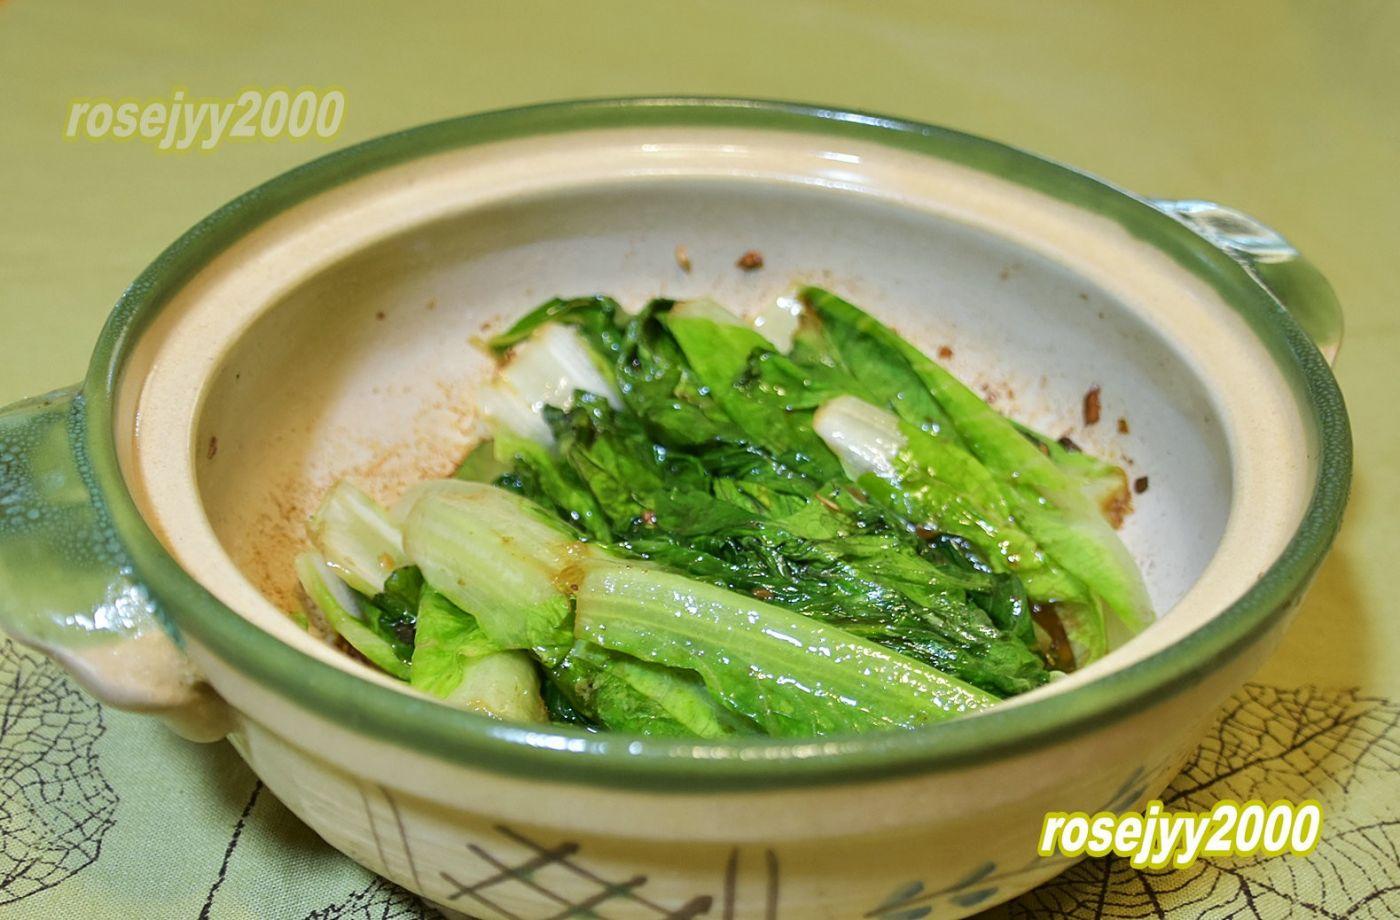 虾酱蒜茸爆生菜_图1-1